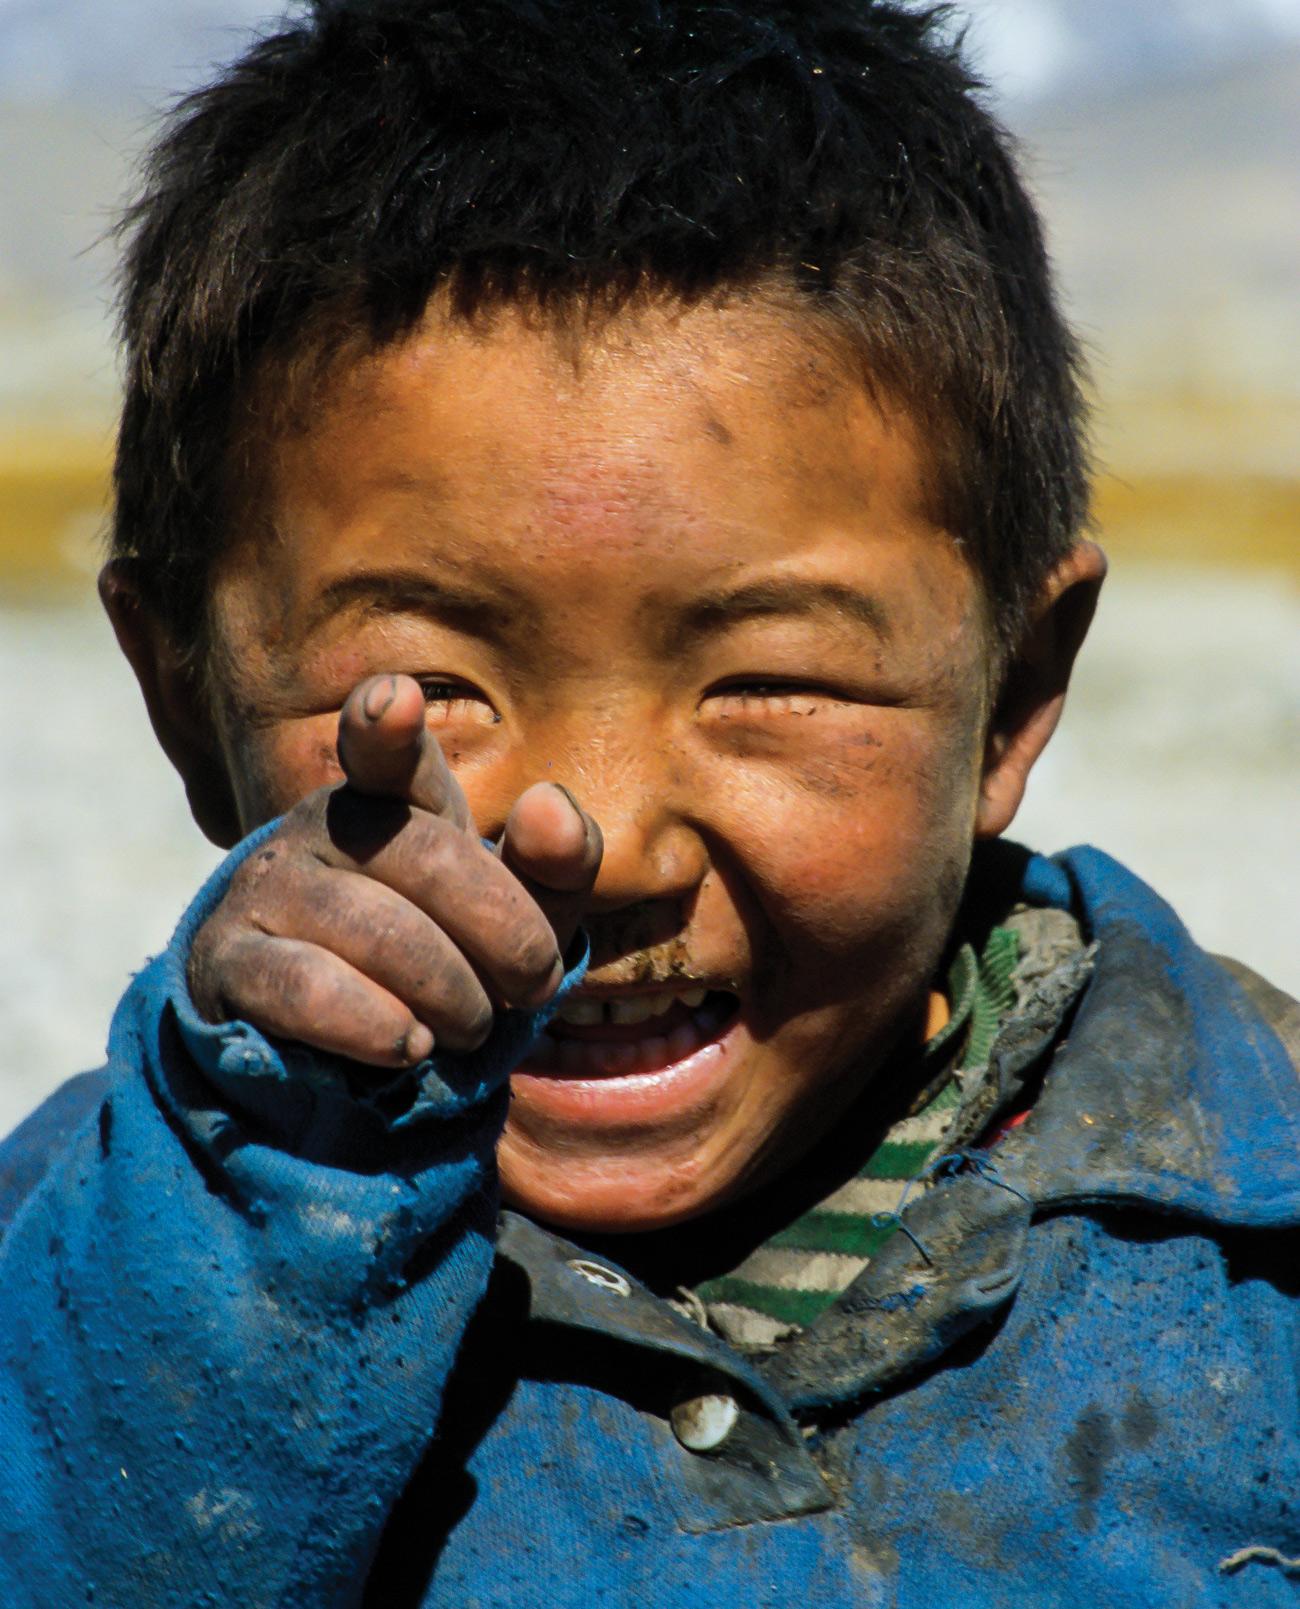 temba-le-tibetain-03